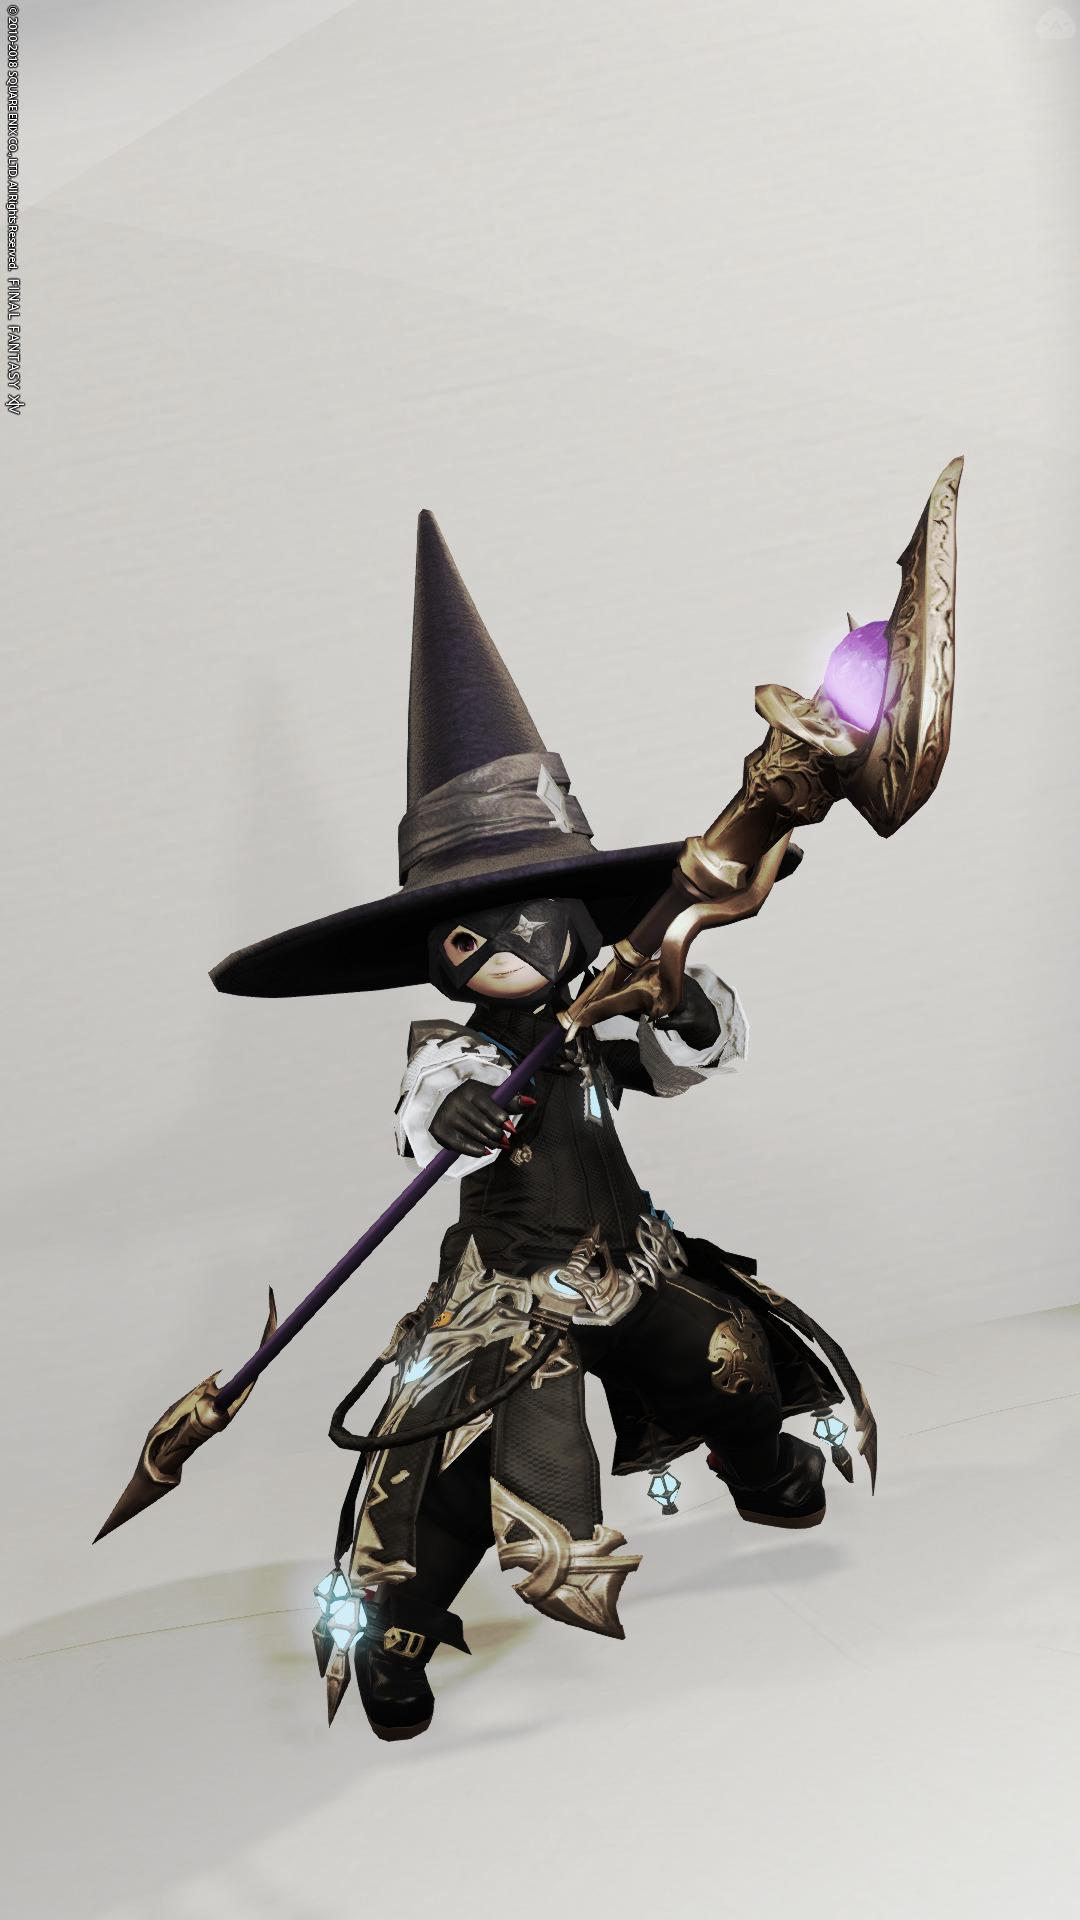 隠匿されし闇の魔術師